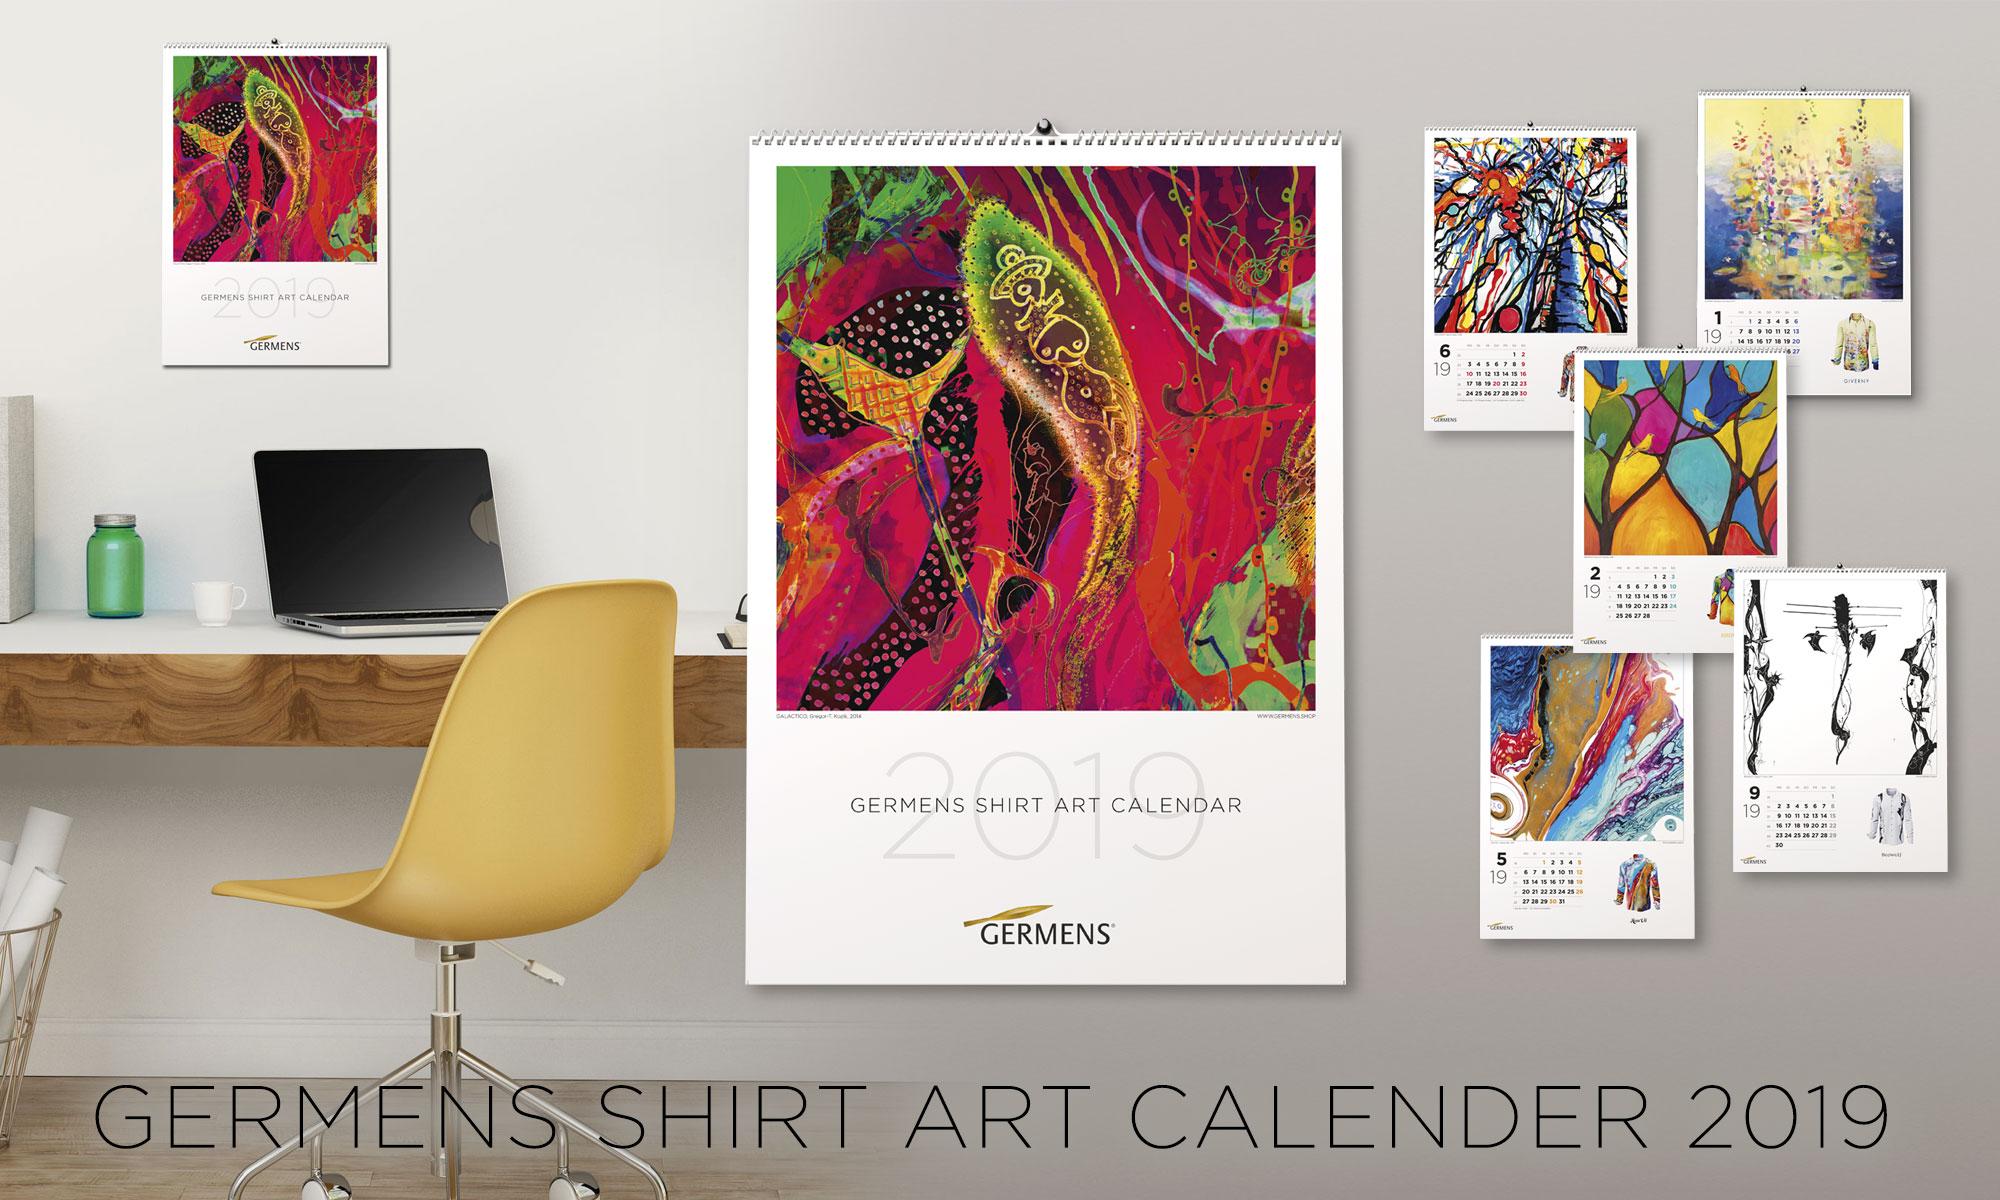 GERMENS shirt art calendar 2019